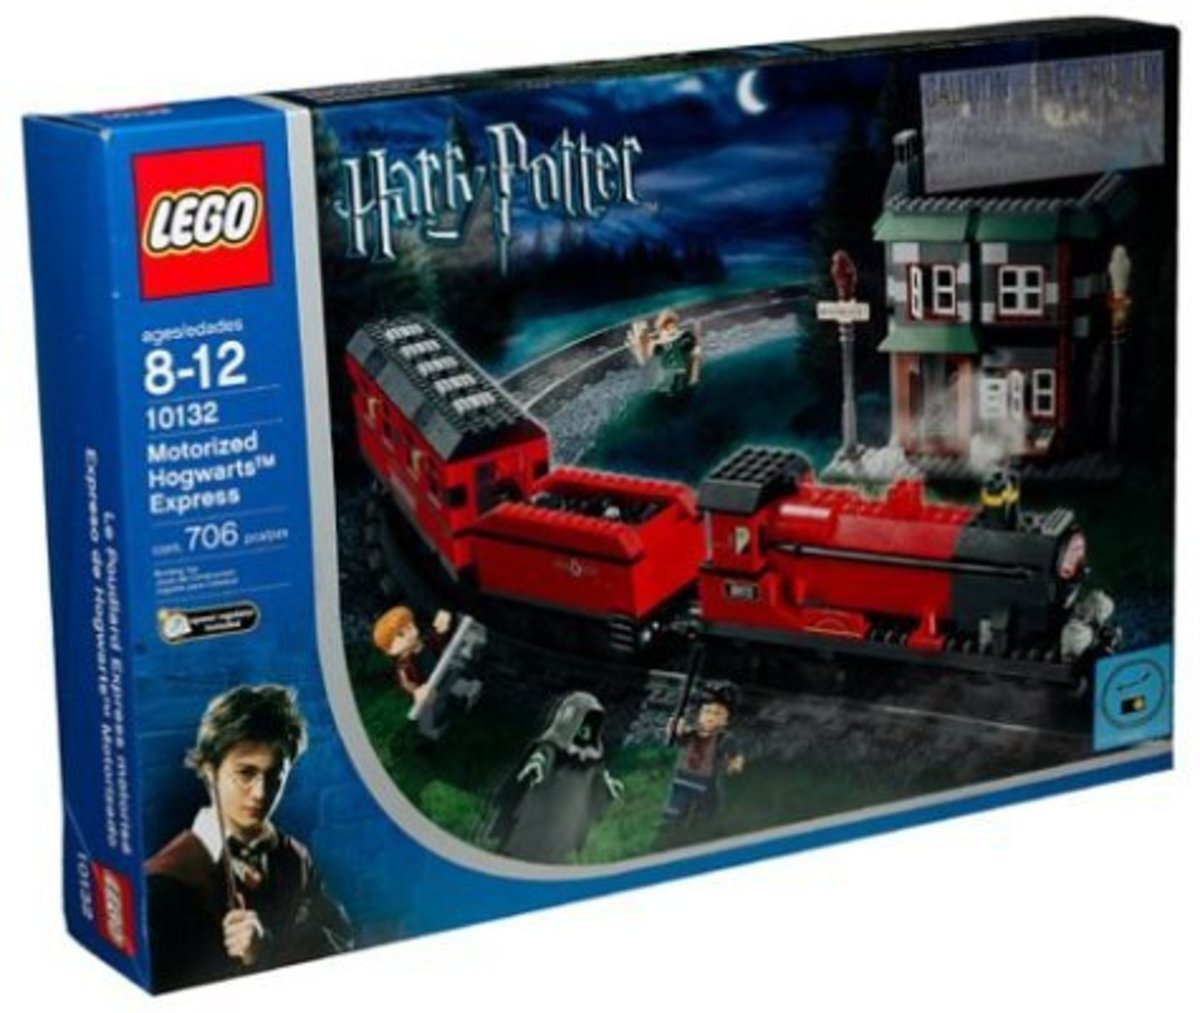 Lego Harry Potter Motorized Hogwarts Express (10132)